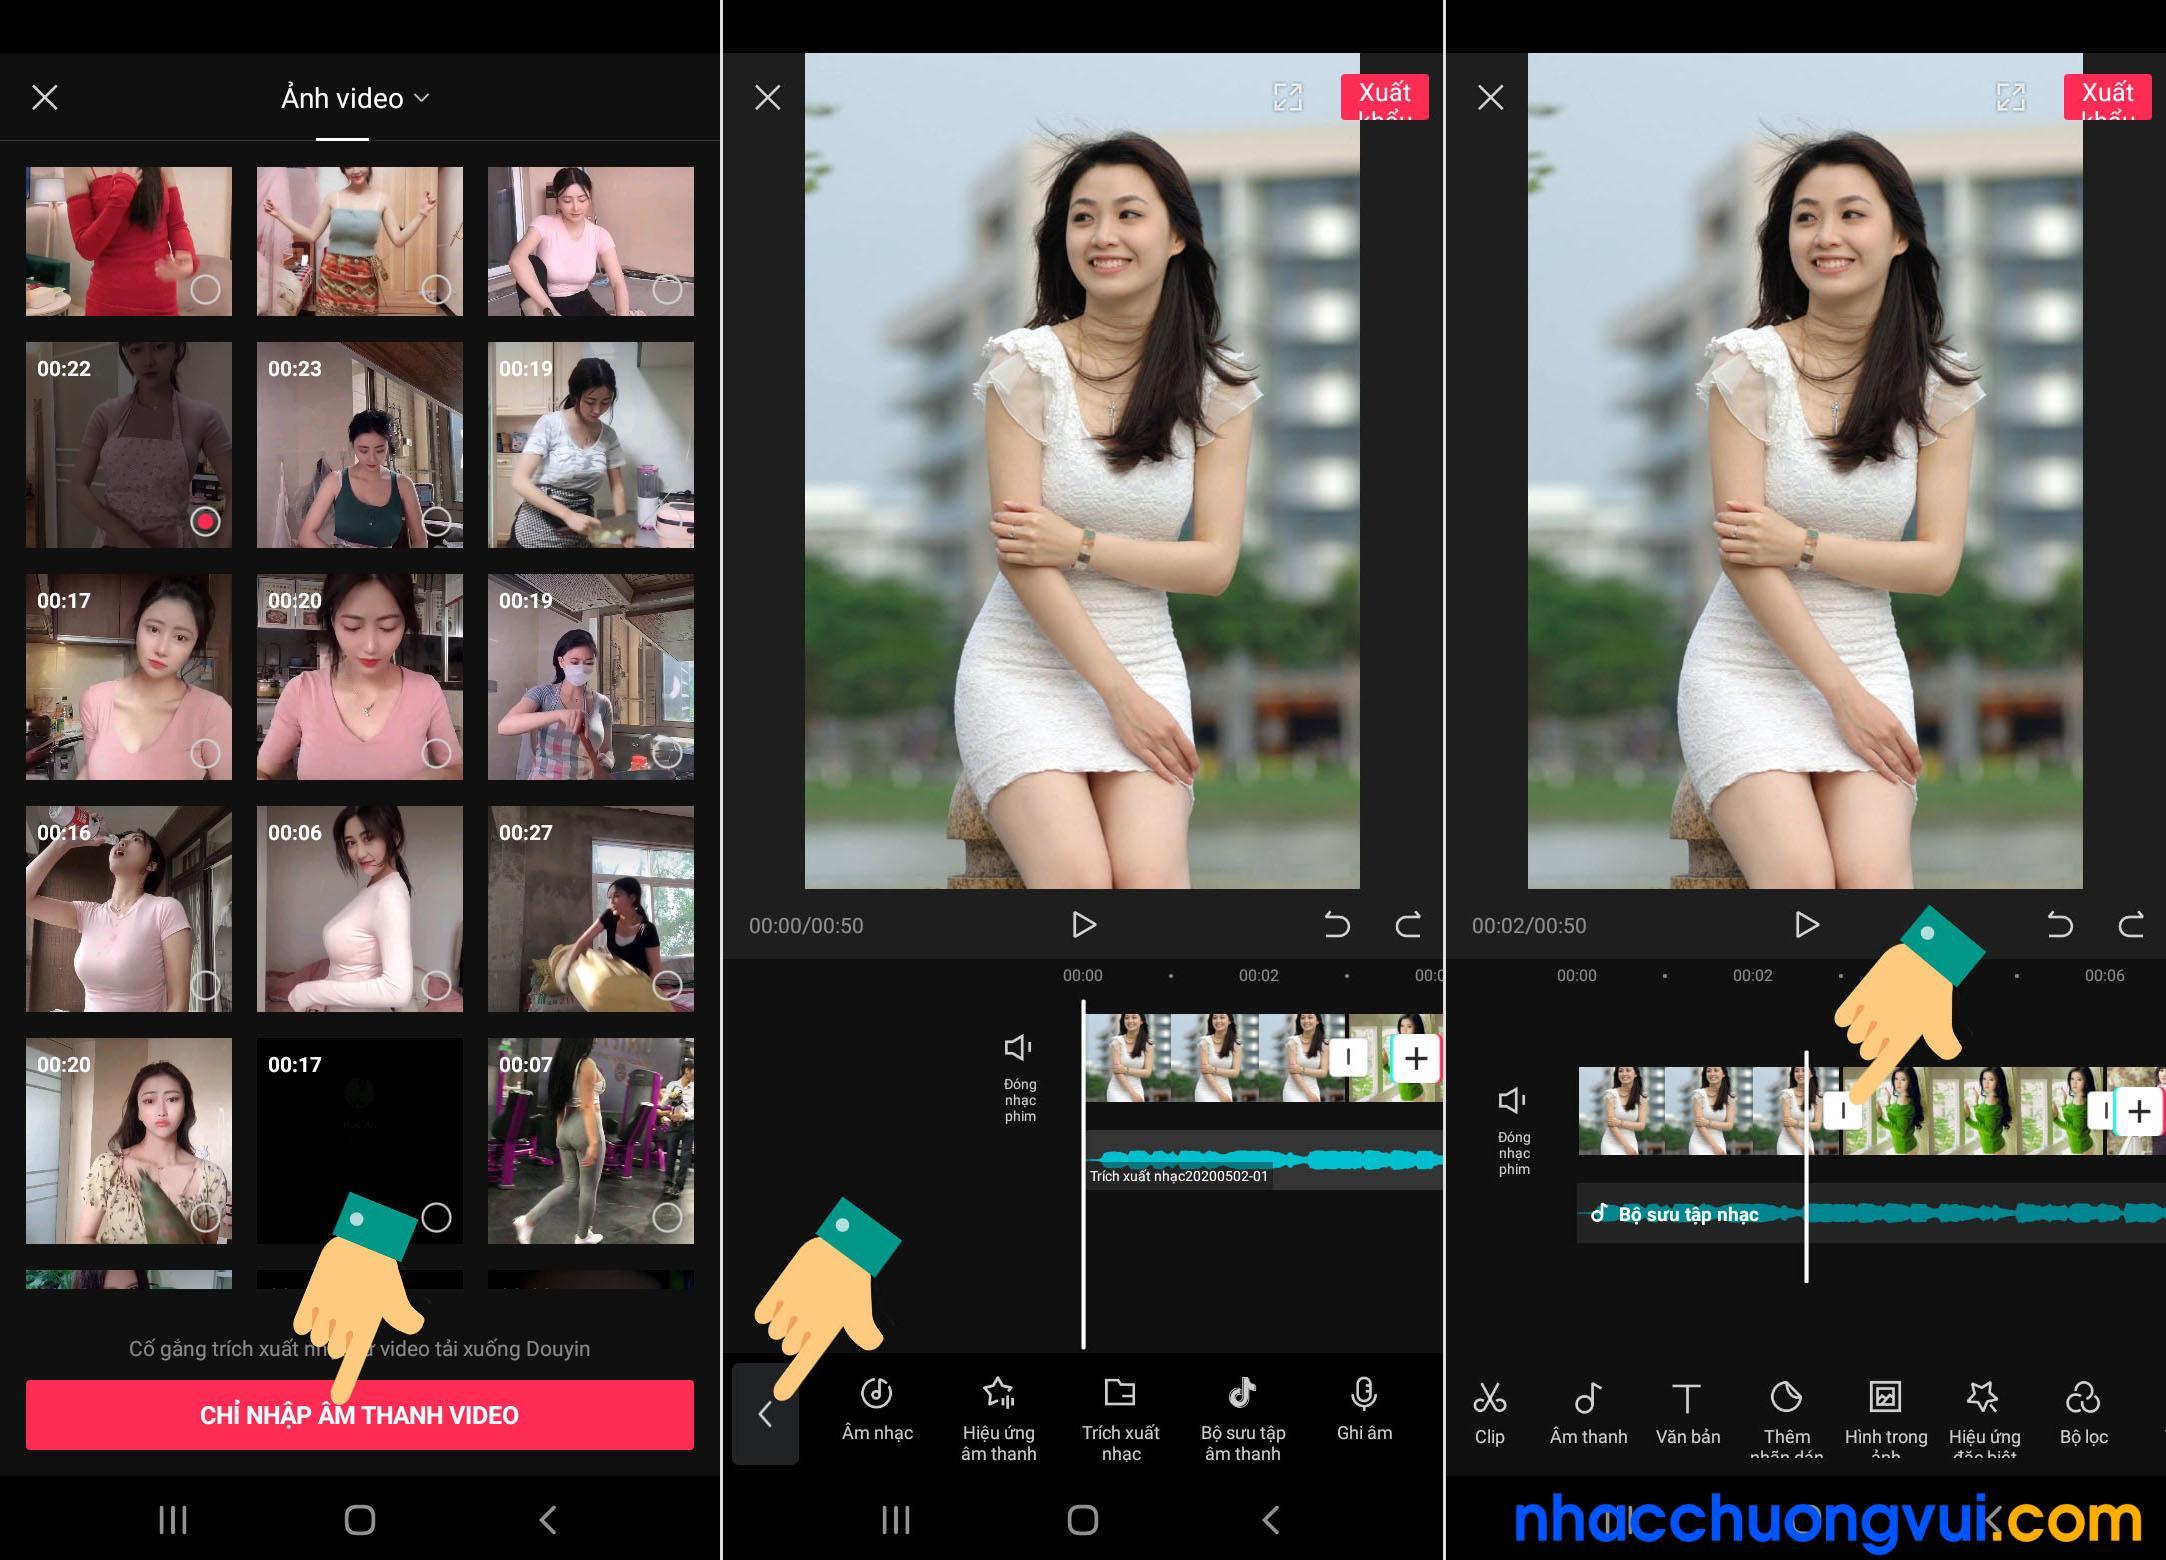 Cách làm video bằng ứng dụng chỉnh sửa video Tik Tok Trung Quốc JianYing 2